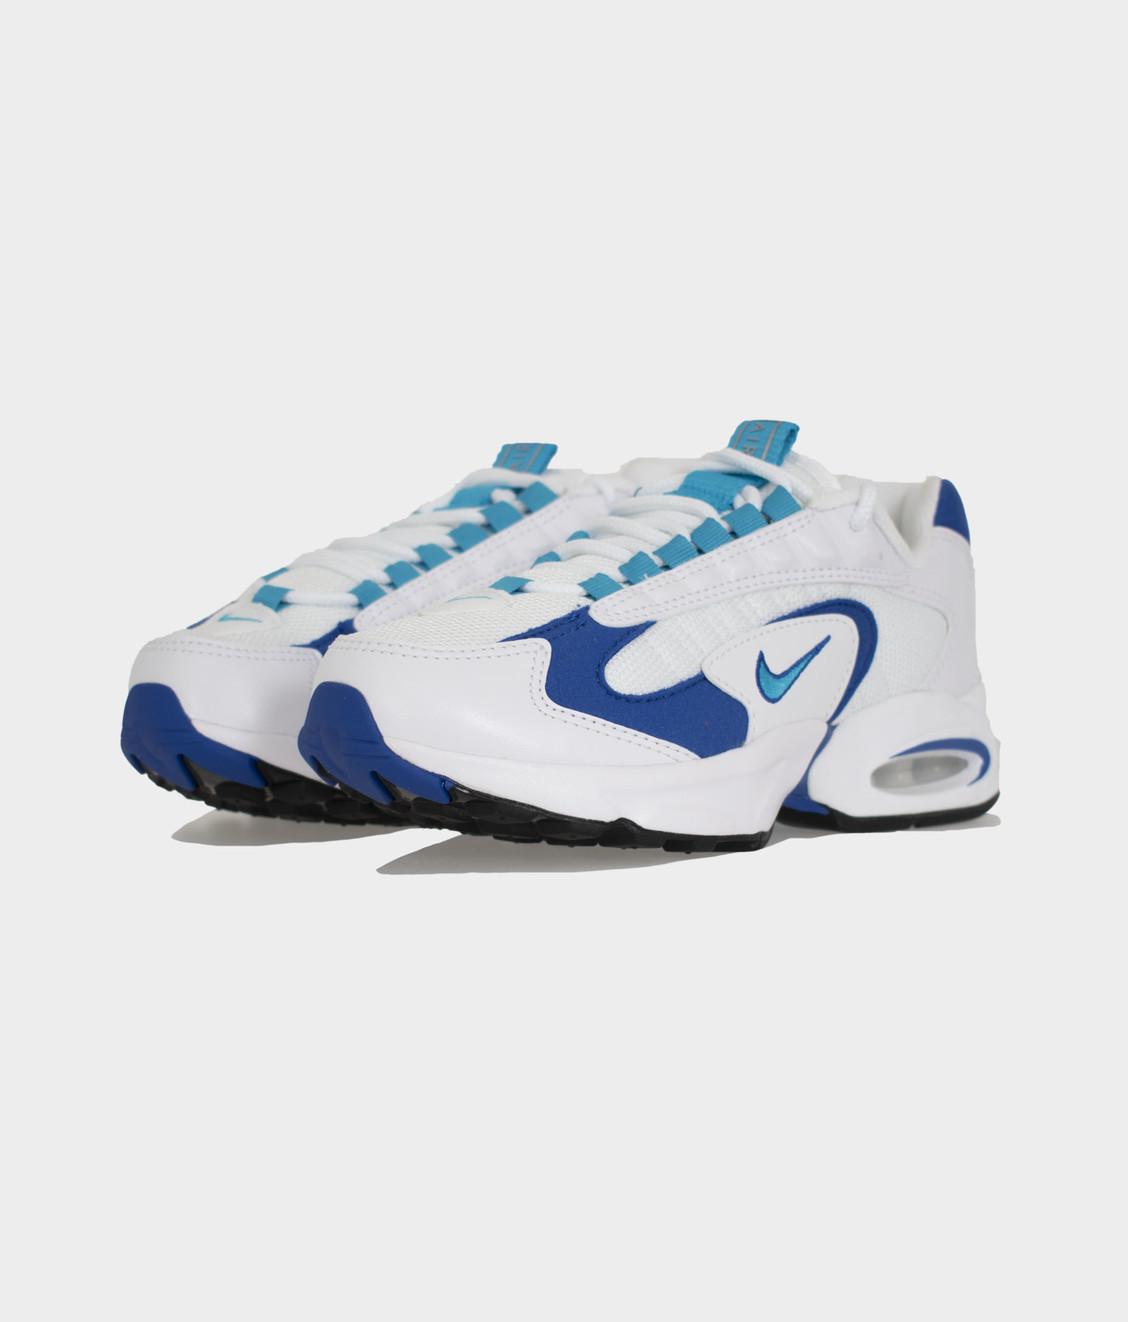 Nike Nike Air Max Triax White Lagoon